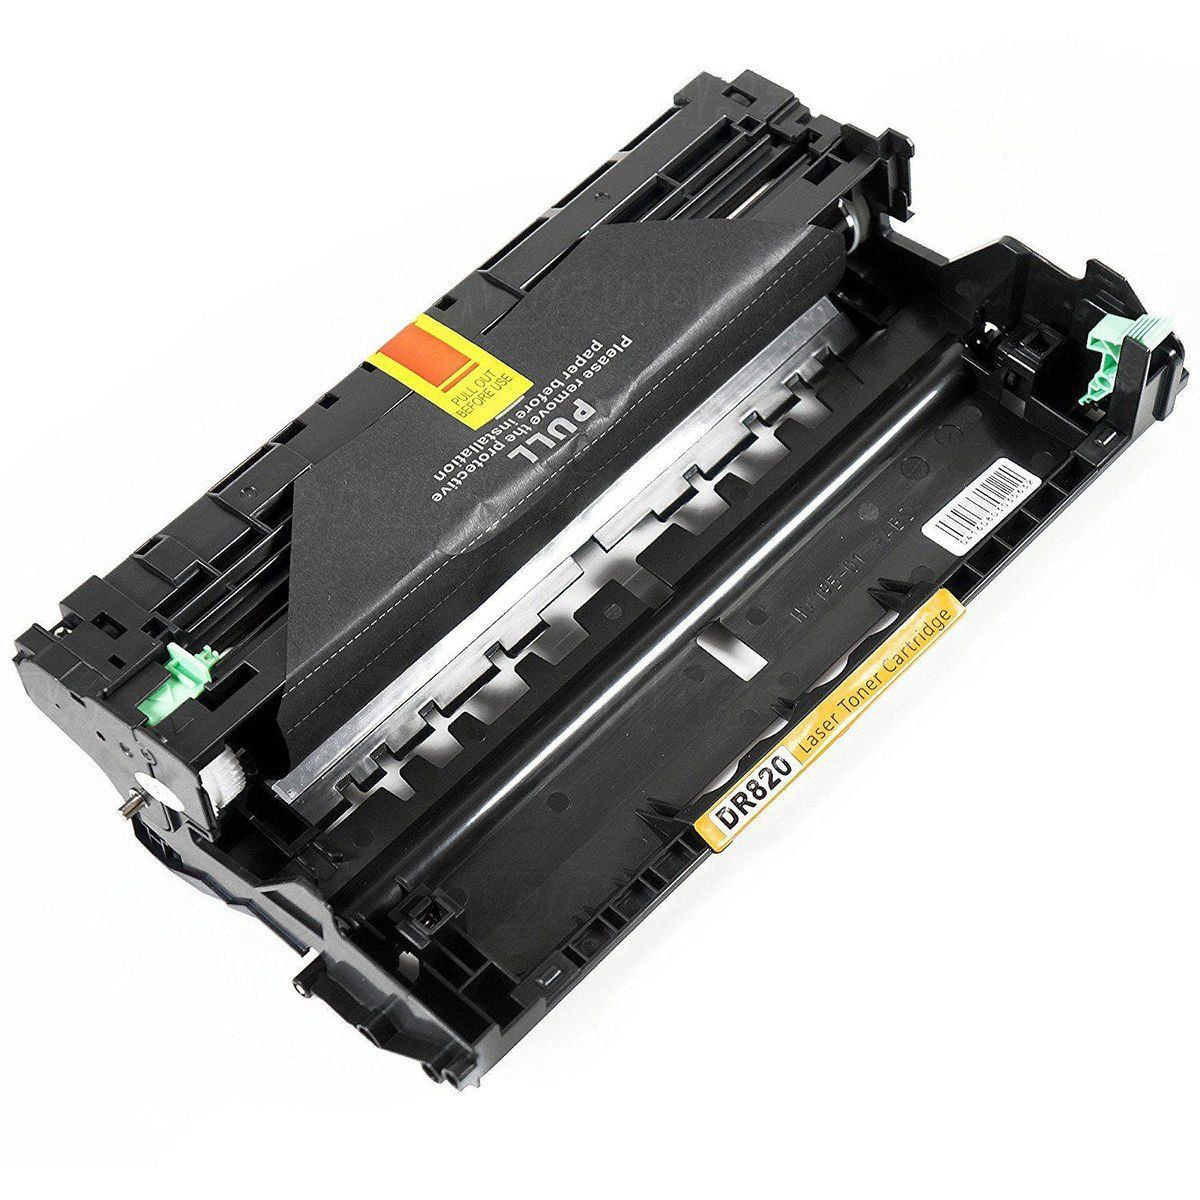 Compatível: Fotocondutor DR3440 DR3472 para Brother DCP-L5502dn MFC-L6902dw L5102dw L5702dw L5902dw L6702dw / 30.000